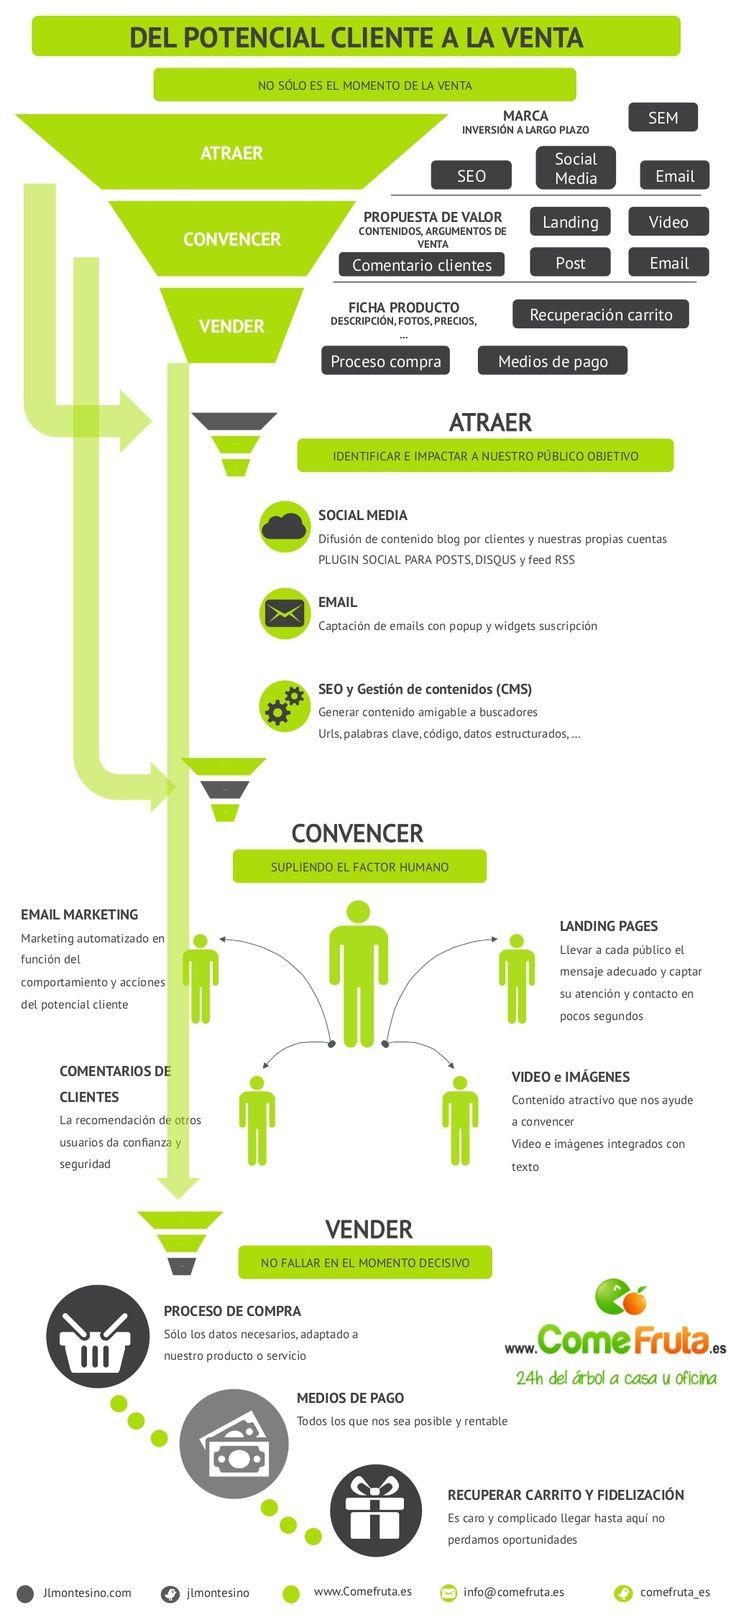 #Infografia #MarketingOnline atraer al cliente. #TAVnews